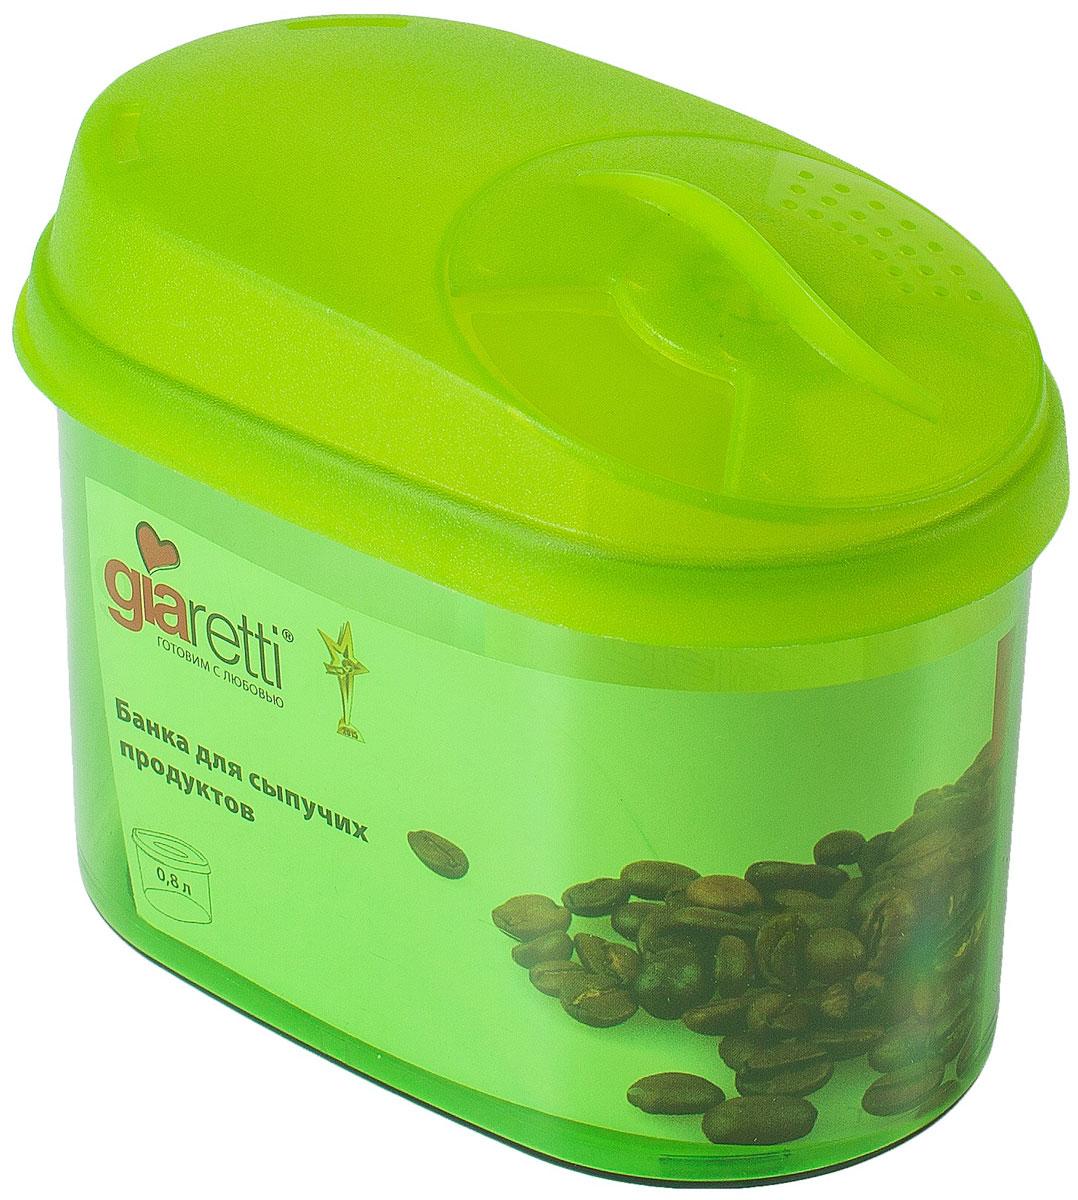 Банка для сыпучих продуктов Giaretti, с дозатором, 800 млСТР00000303Банка для сыпучих продуктов предназначена для хранения круп, сахара, макаронных изделий и других изделий, в том числе для продуктов с ярким ароматом (специи и прочее).Плотно прилегающая крышка не пропускает запахи содержимого в шкаф для хранения, при этом продукт не теряет своего аромата.Двойной дозатор предназначен для мелких и крупных сыпучих продуктов.